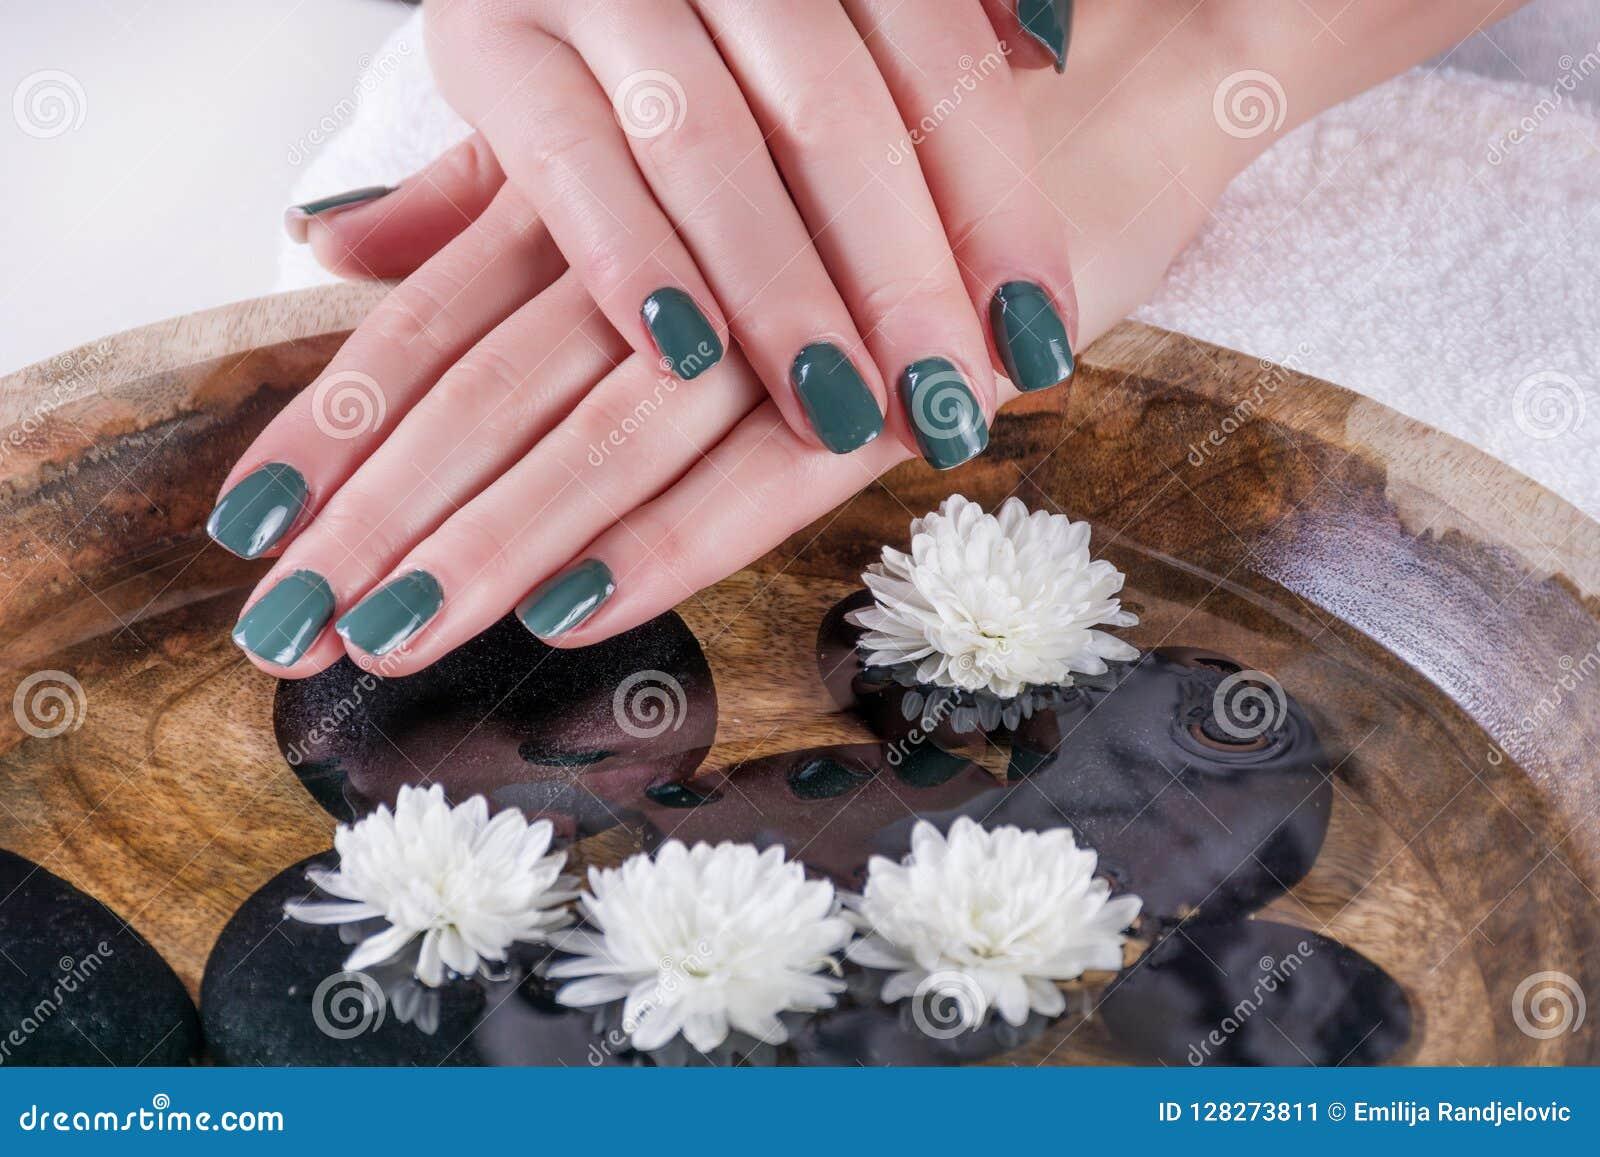 Olive Color Gel Nails Polish Manicure On Girl Hands Above